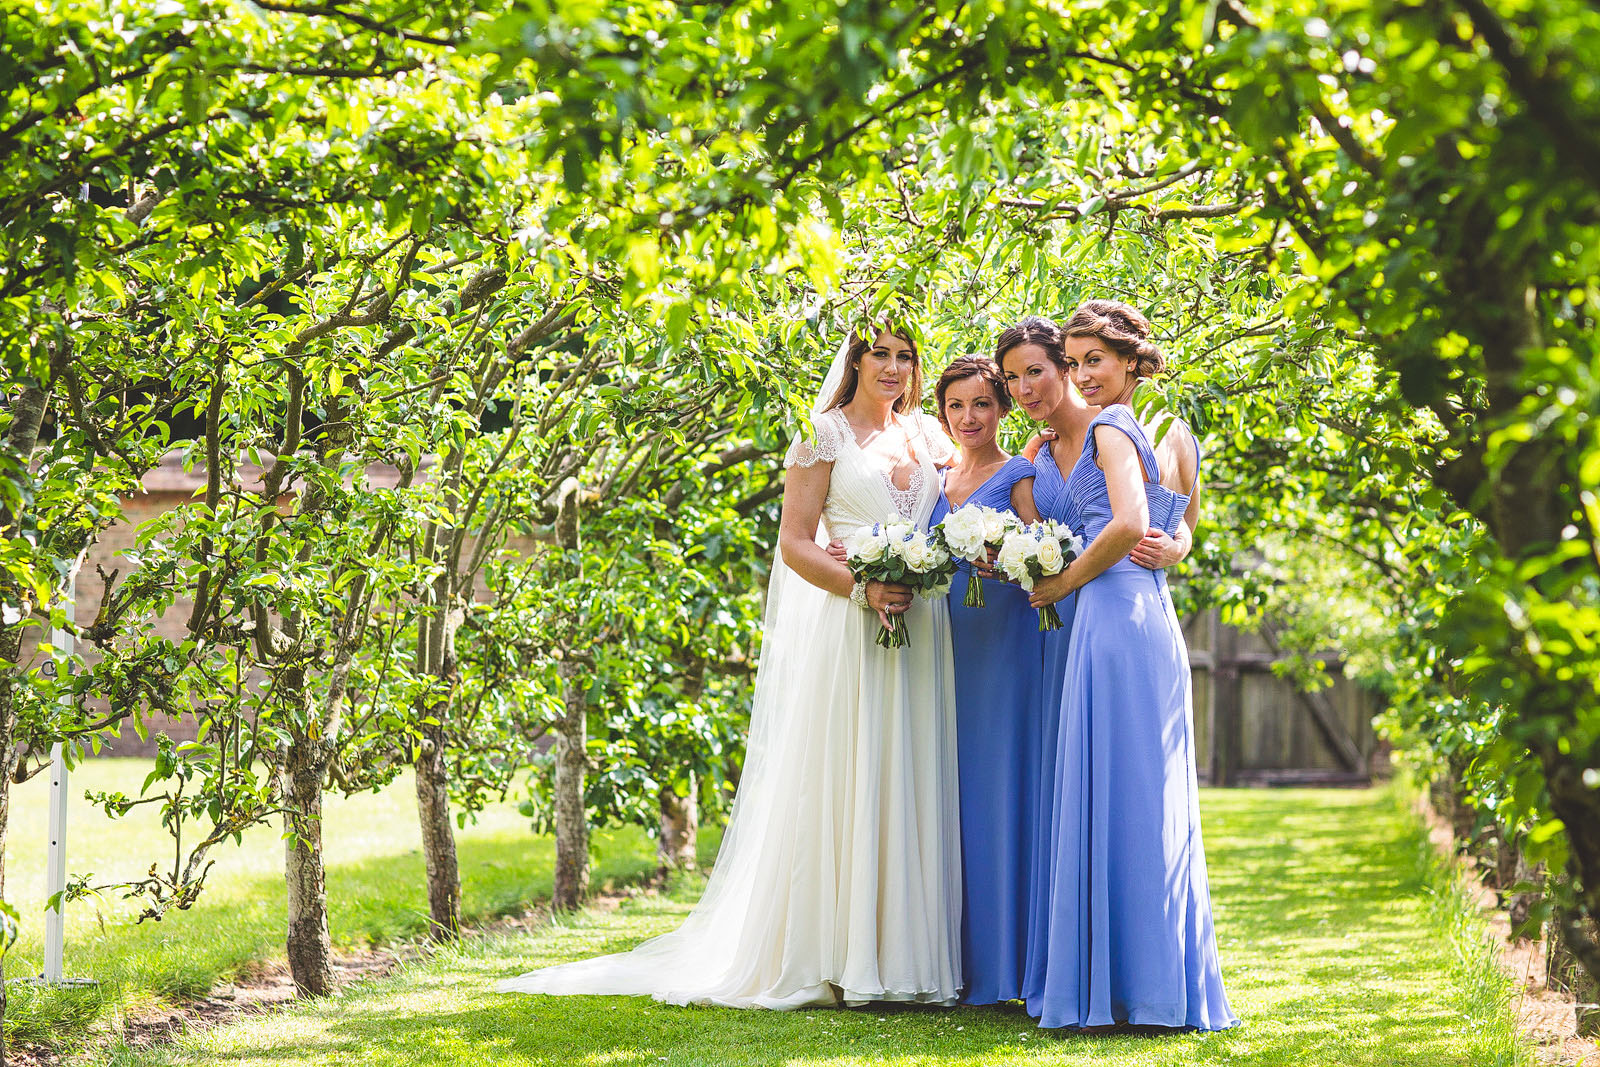 Surrey Bridesmaids